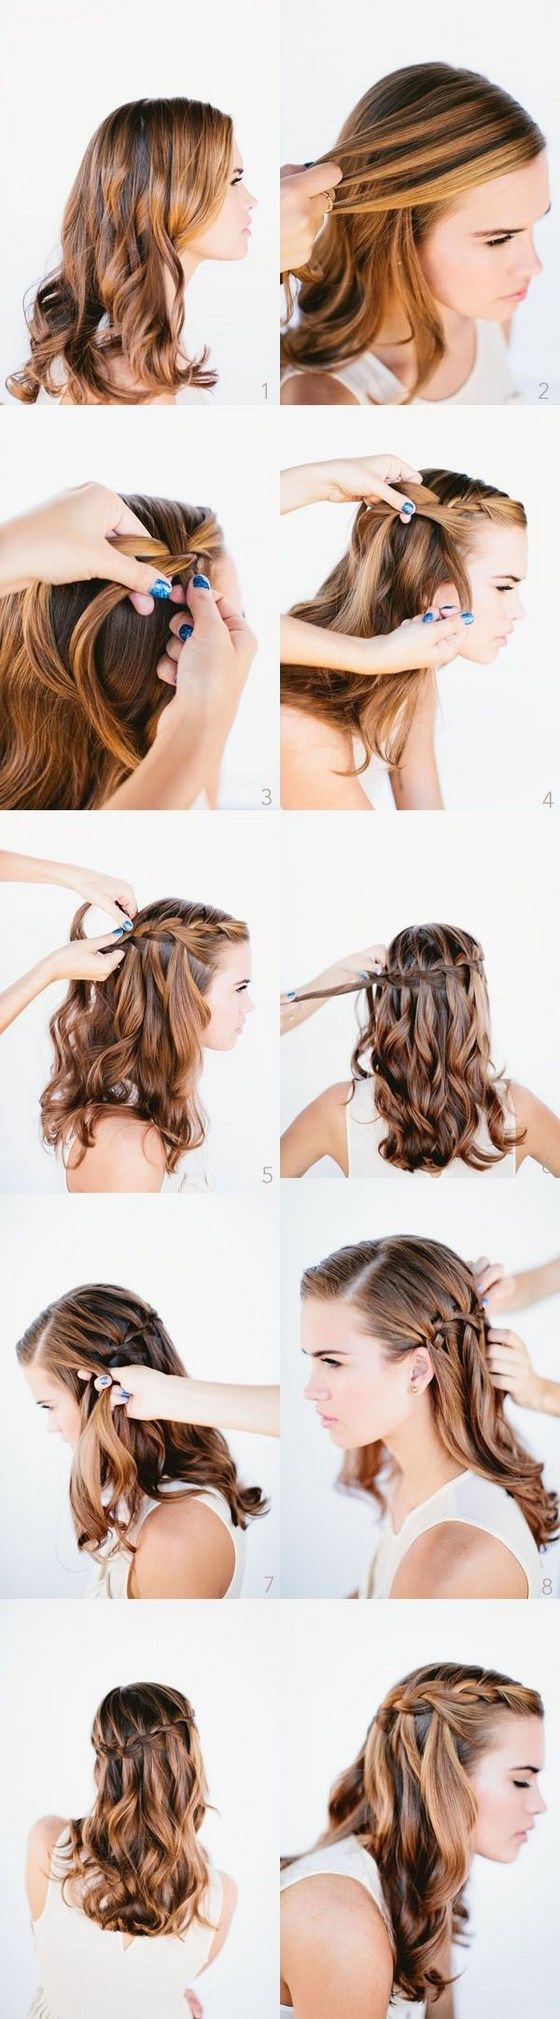 Прически для длинных волос с пошаговым